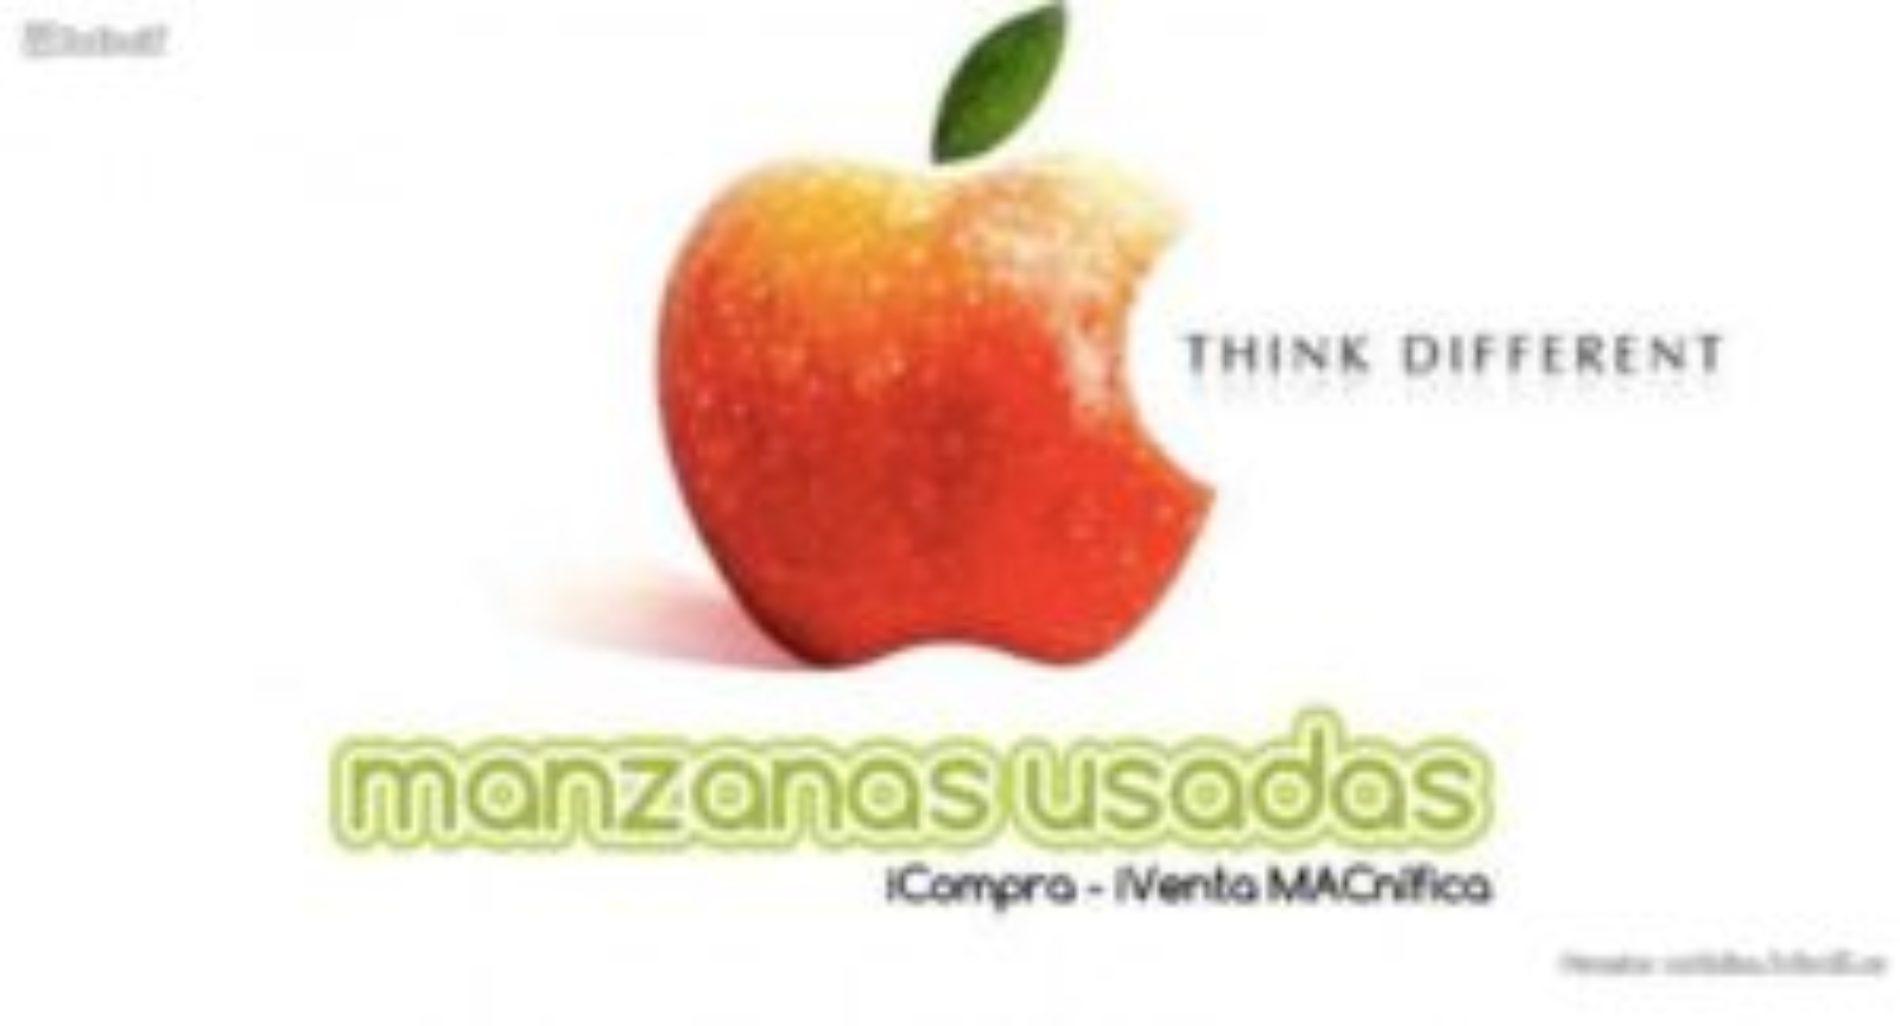 Manzanas Usadas valorada en Prensa